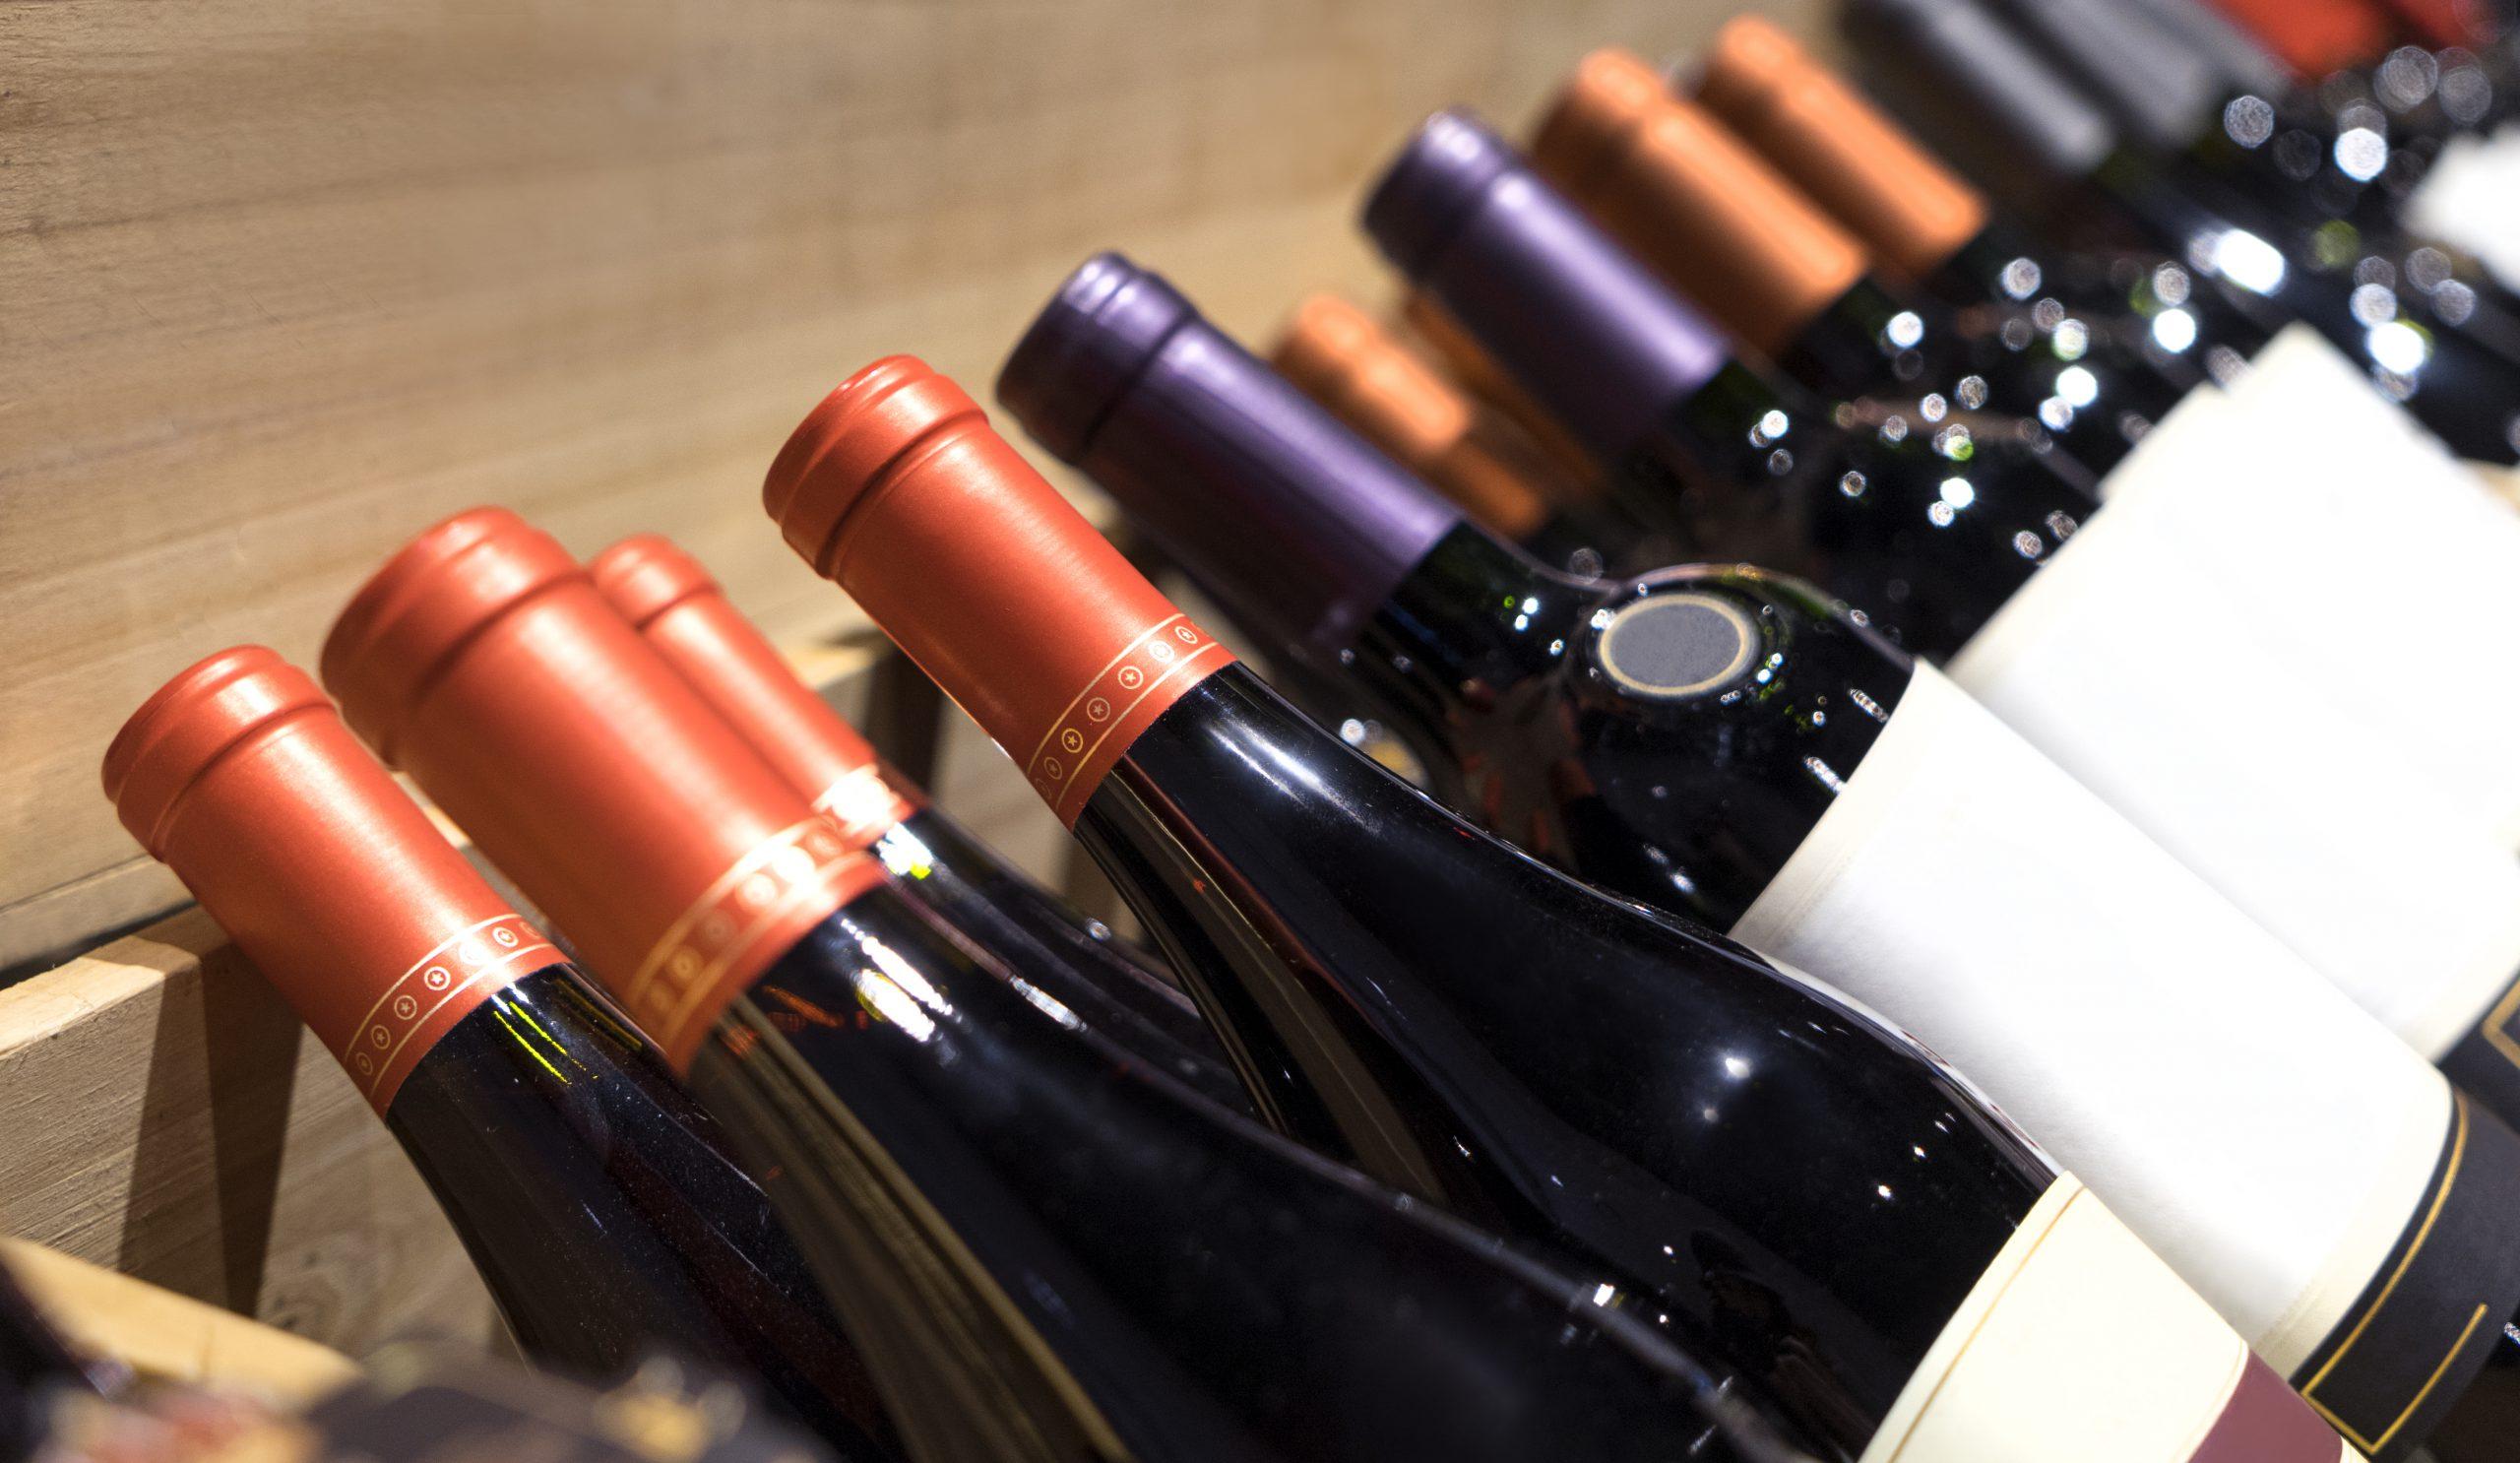 買ったワインはいつまで飲めるの?ワインの賞味期限について解説